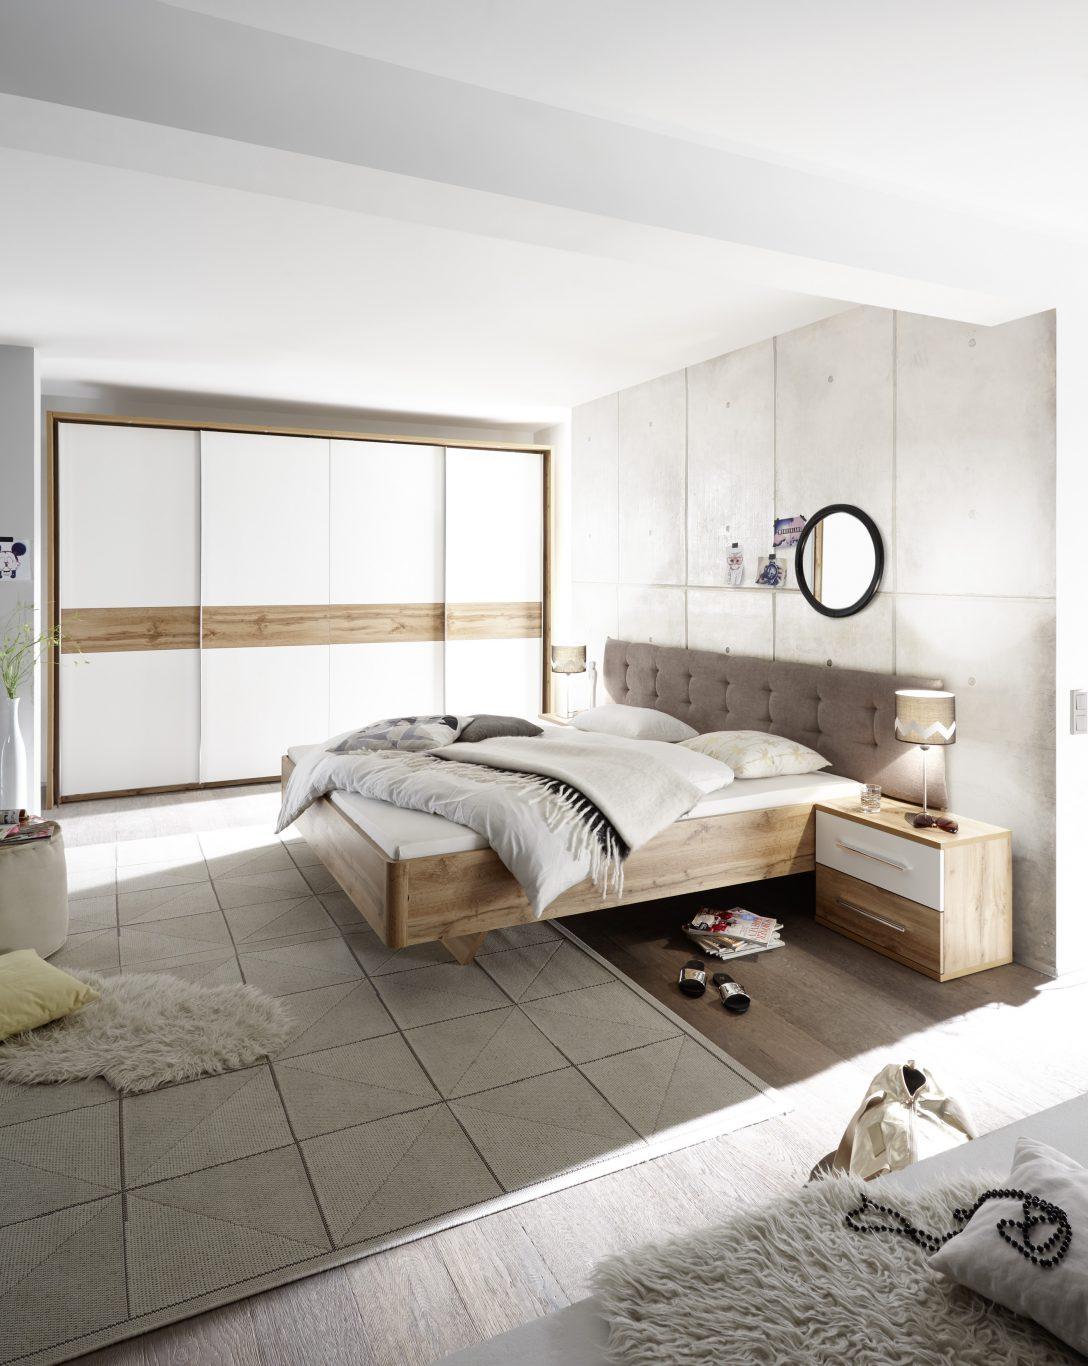 Large Size of Schlafzimmer Komplett Weiß Set 5 Tlg Bergamo Bett 180 Kleiderschrank Breaking Bad Komplette Serie Küche Hochglanz Betten 140x200 Günstig Landhaus Tapeten Schlafzimmer Schlafzimmer Komplett Weiß